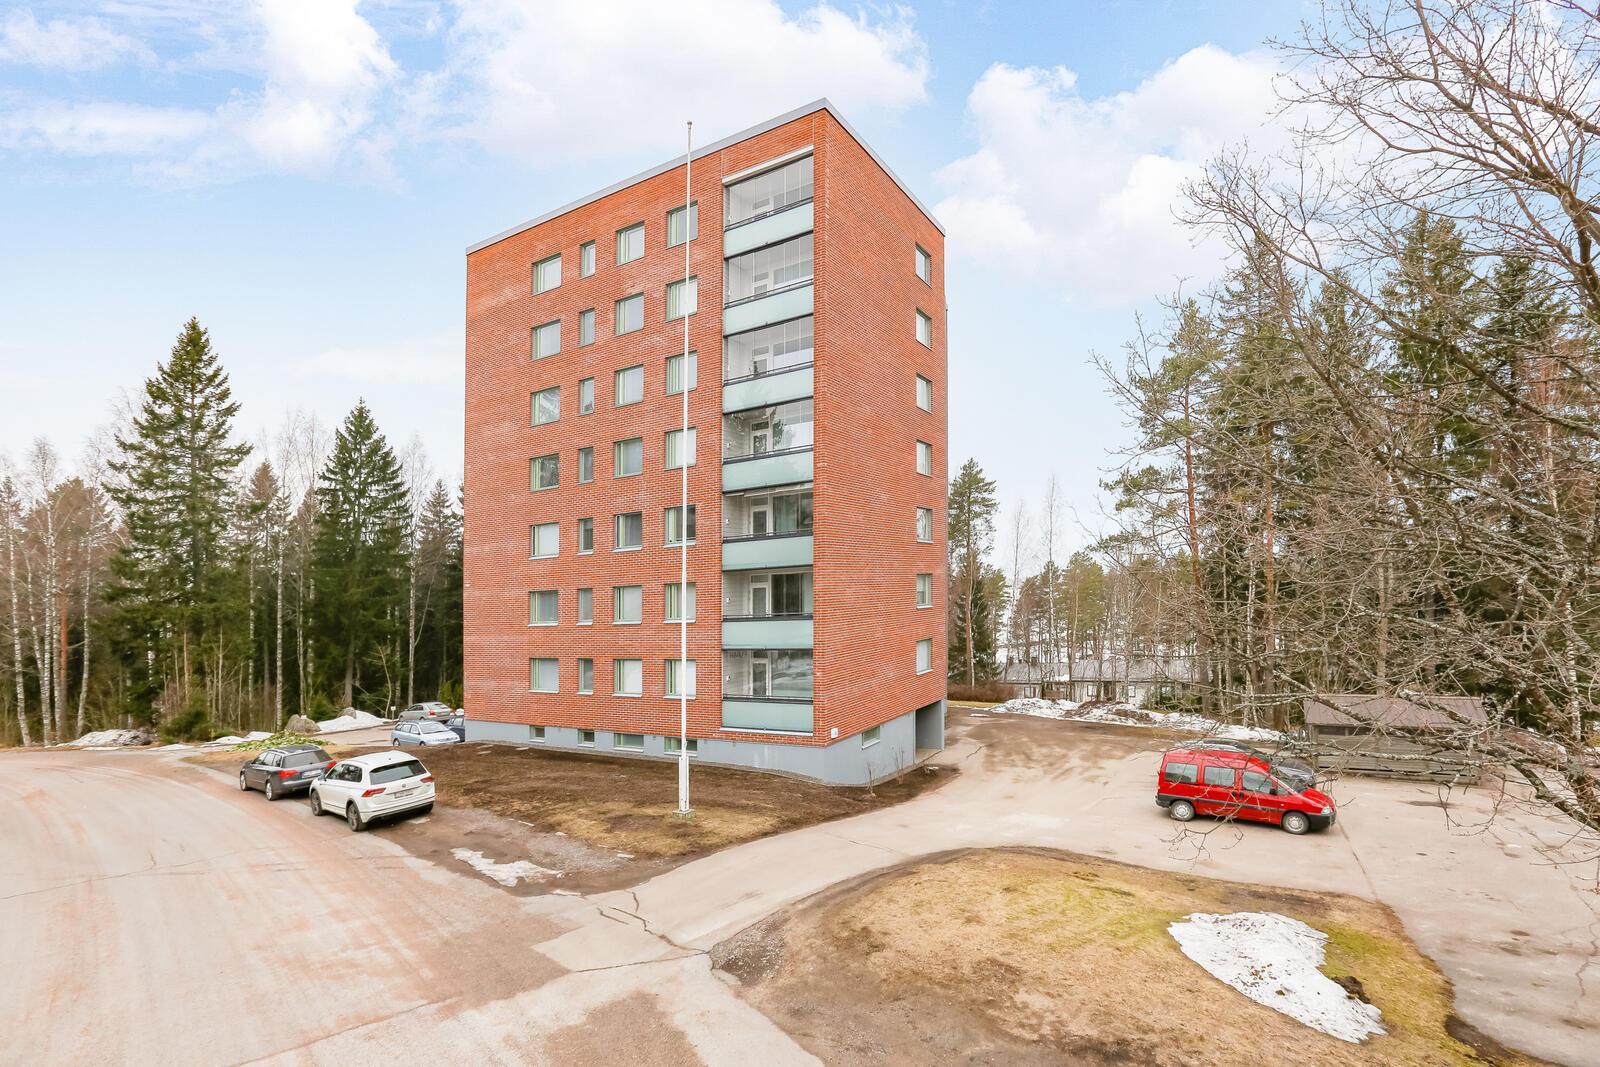 Voisalmi, Lappeenranta